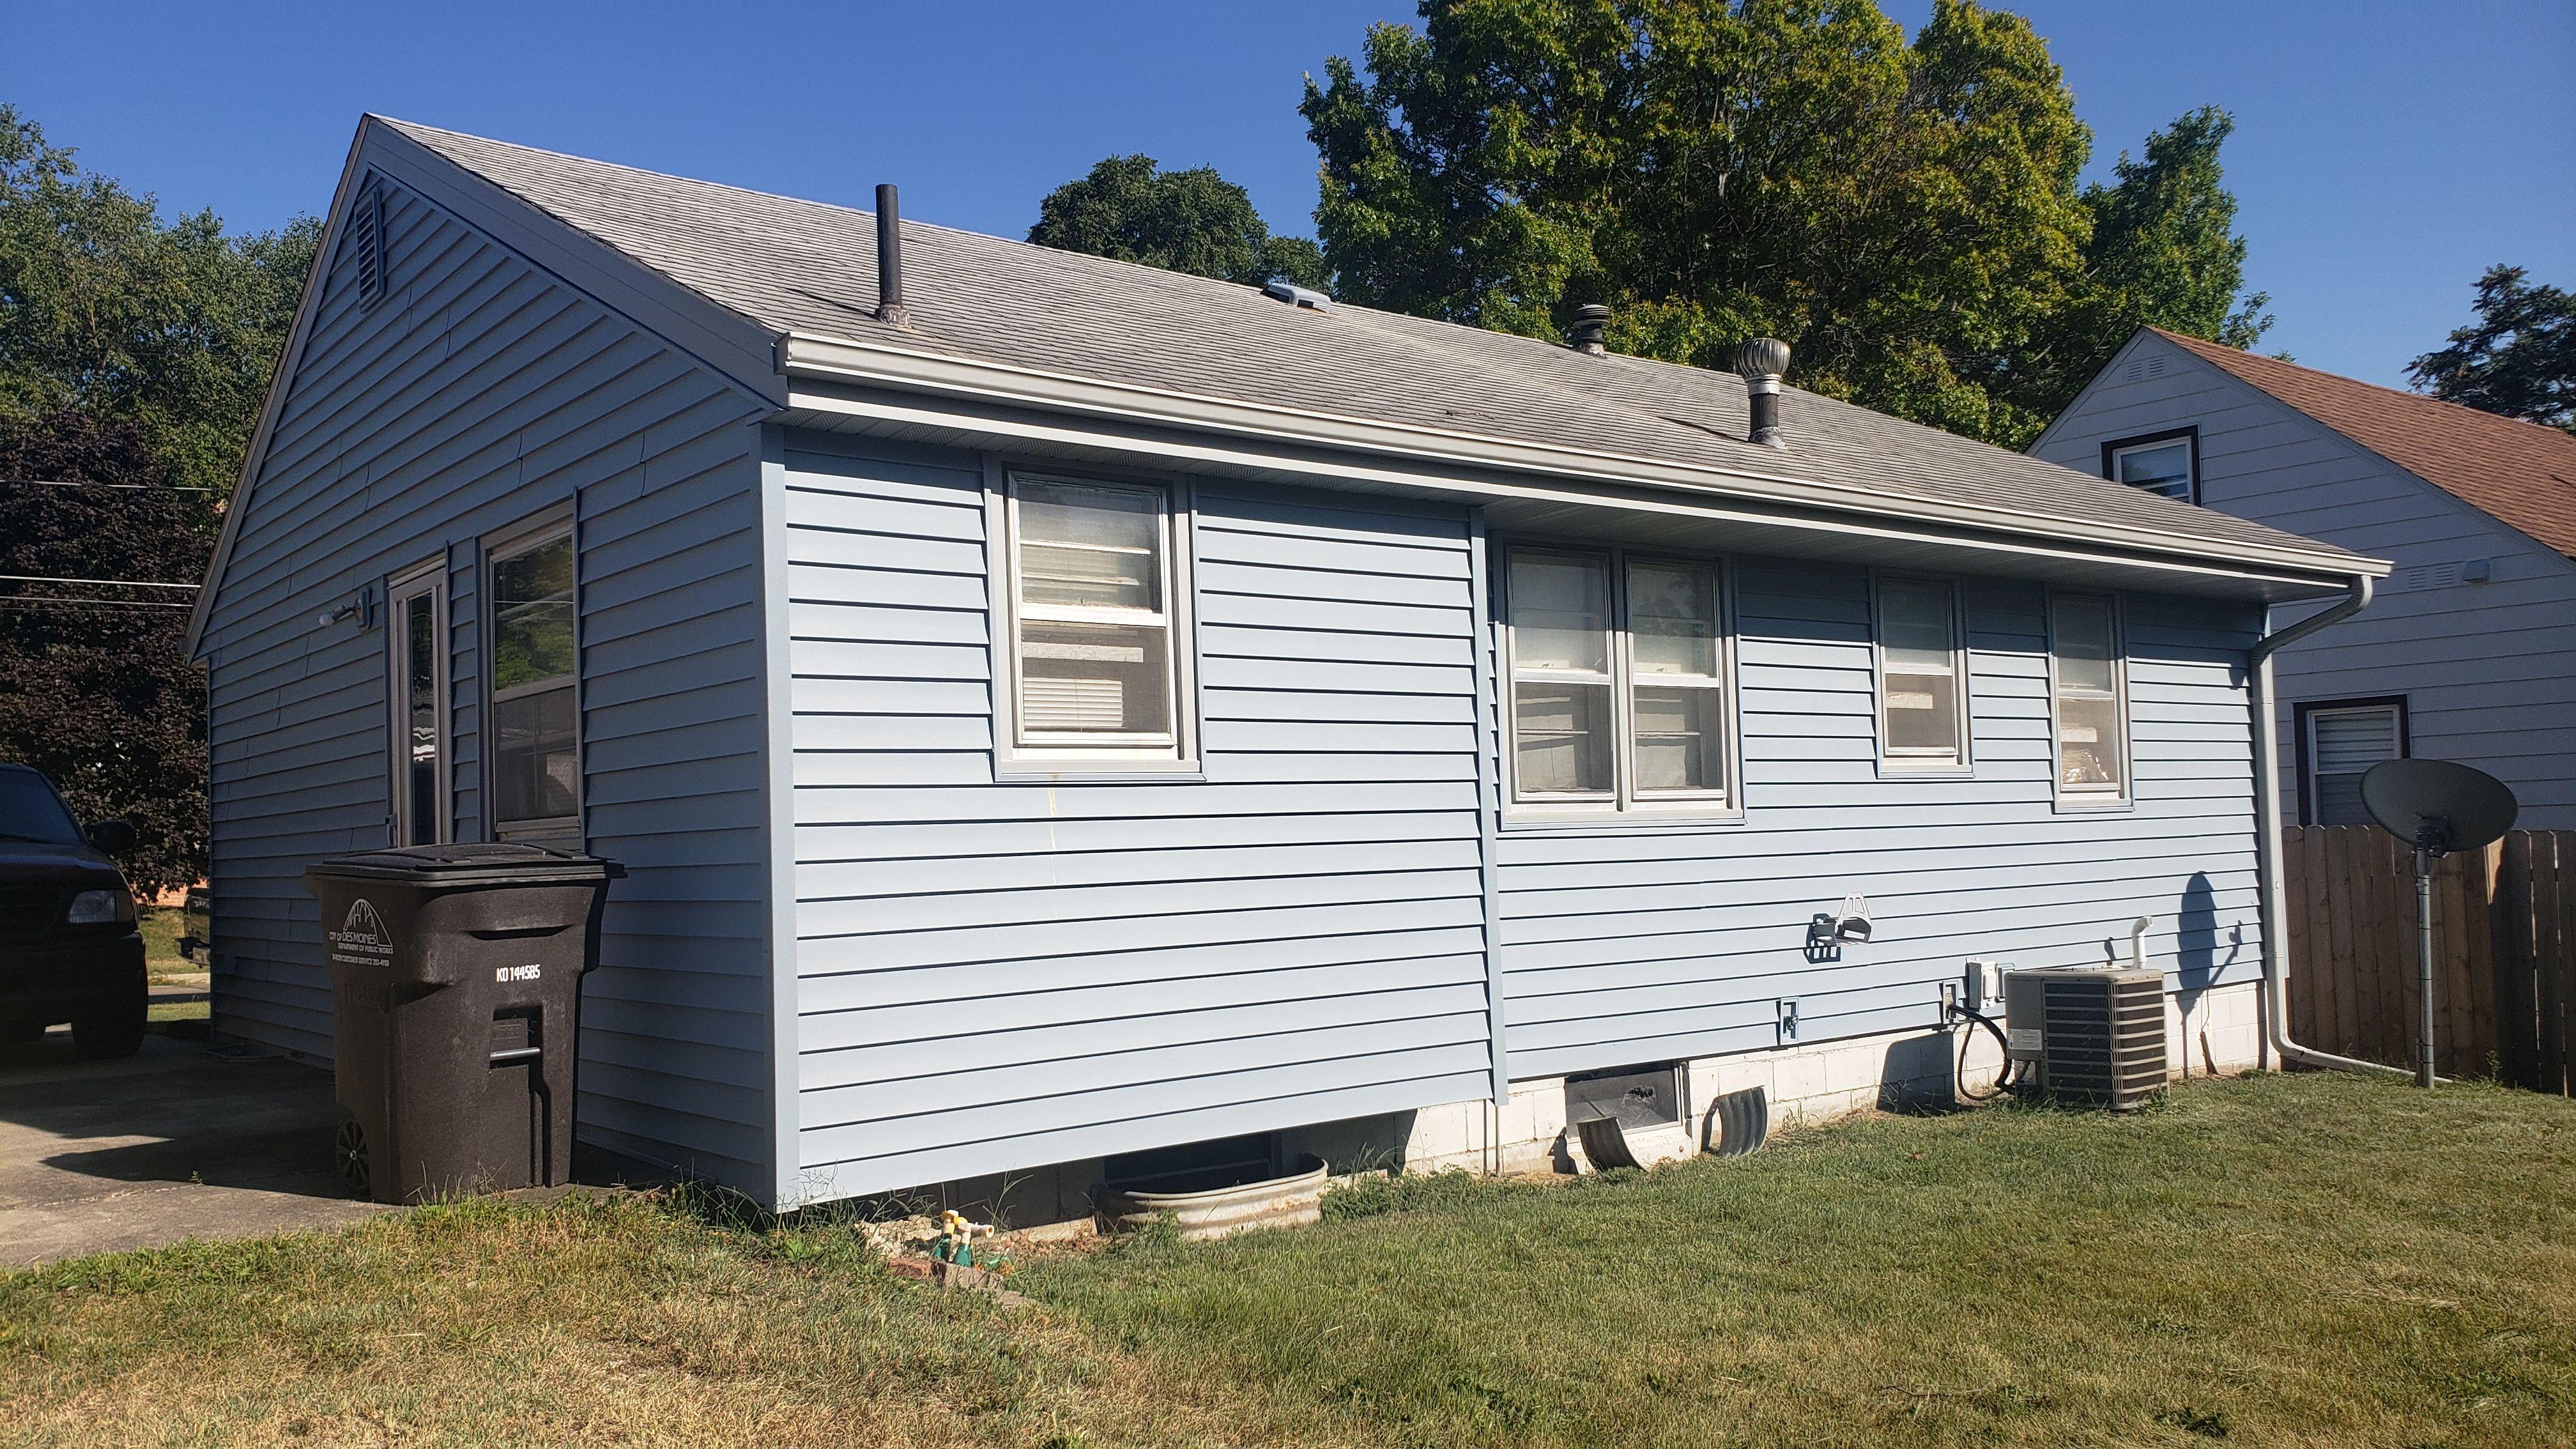 2404 E 39th Ct, Des Moines, IA